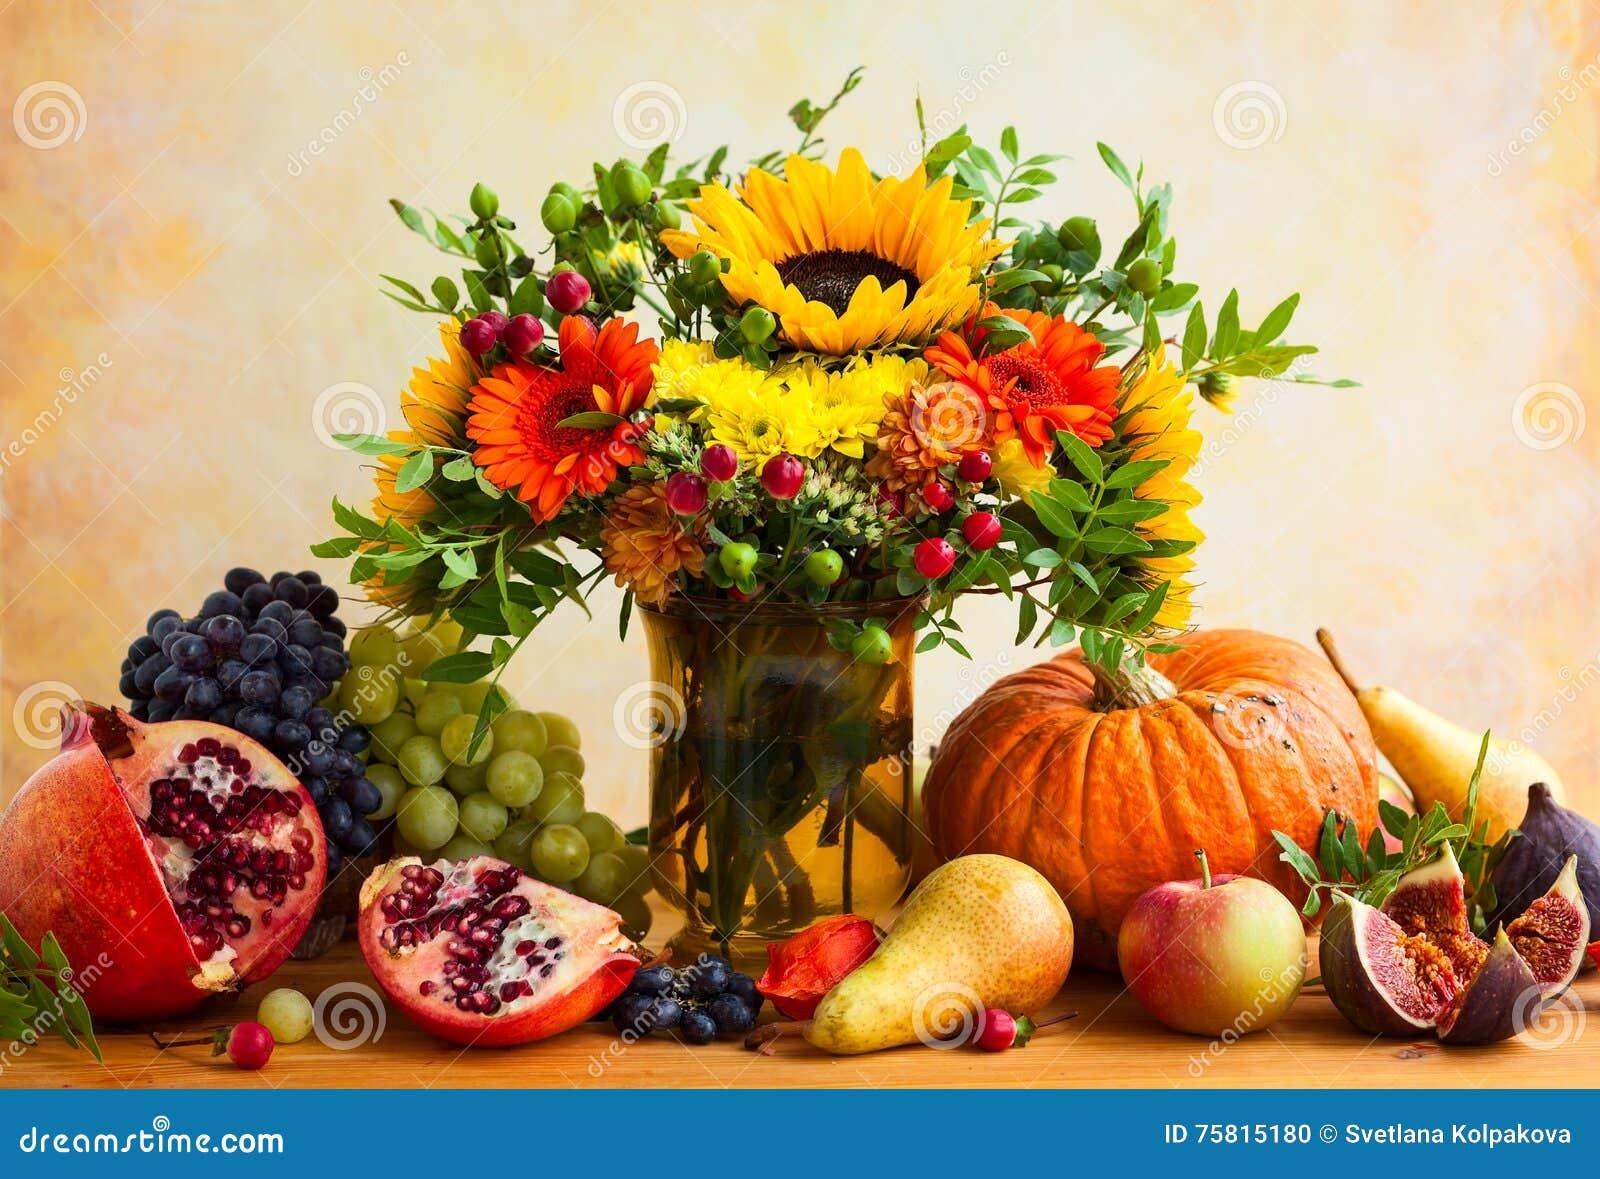 Herbstblumen Und Kurbis Stockfoto Bild Von Schonheit 75815180